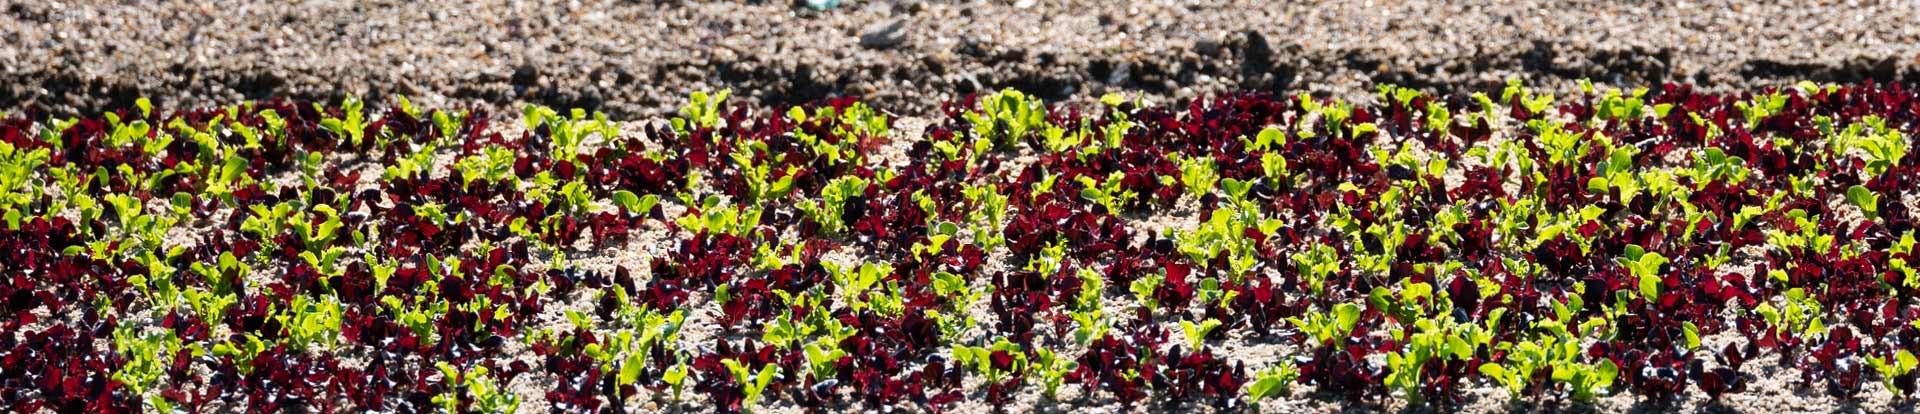 Culture d'un mélange de jeunes pousses de salades, vertes et rouges, en plein champ